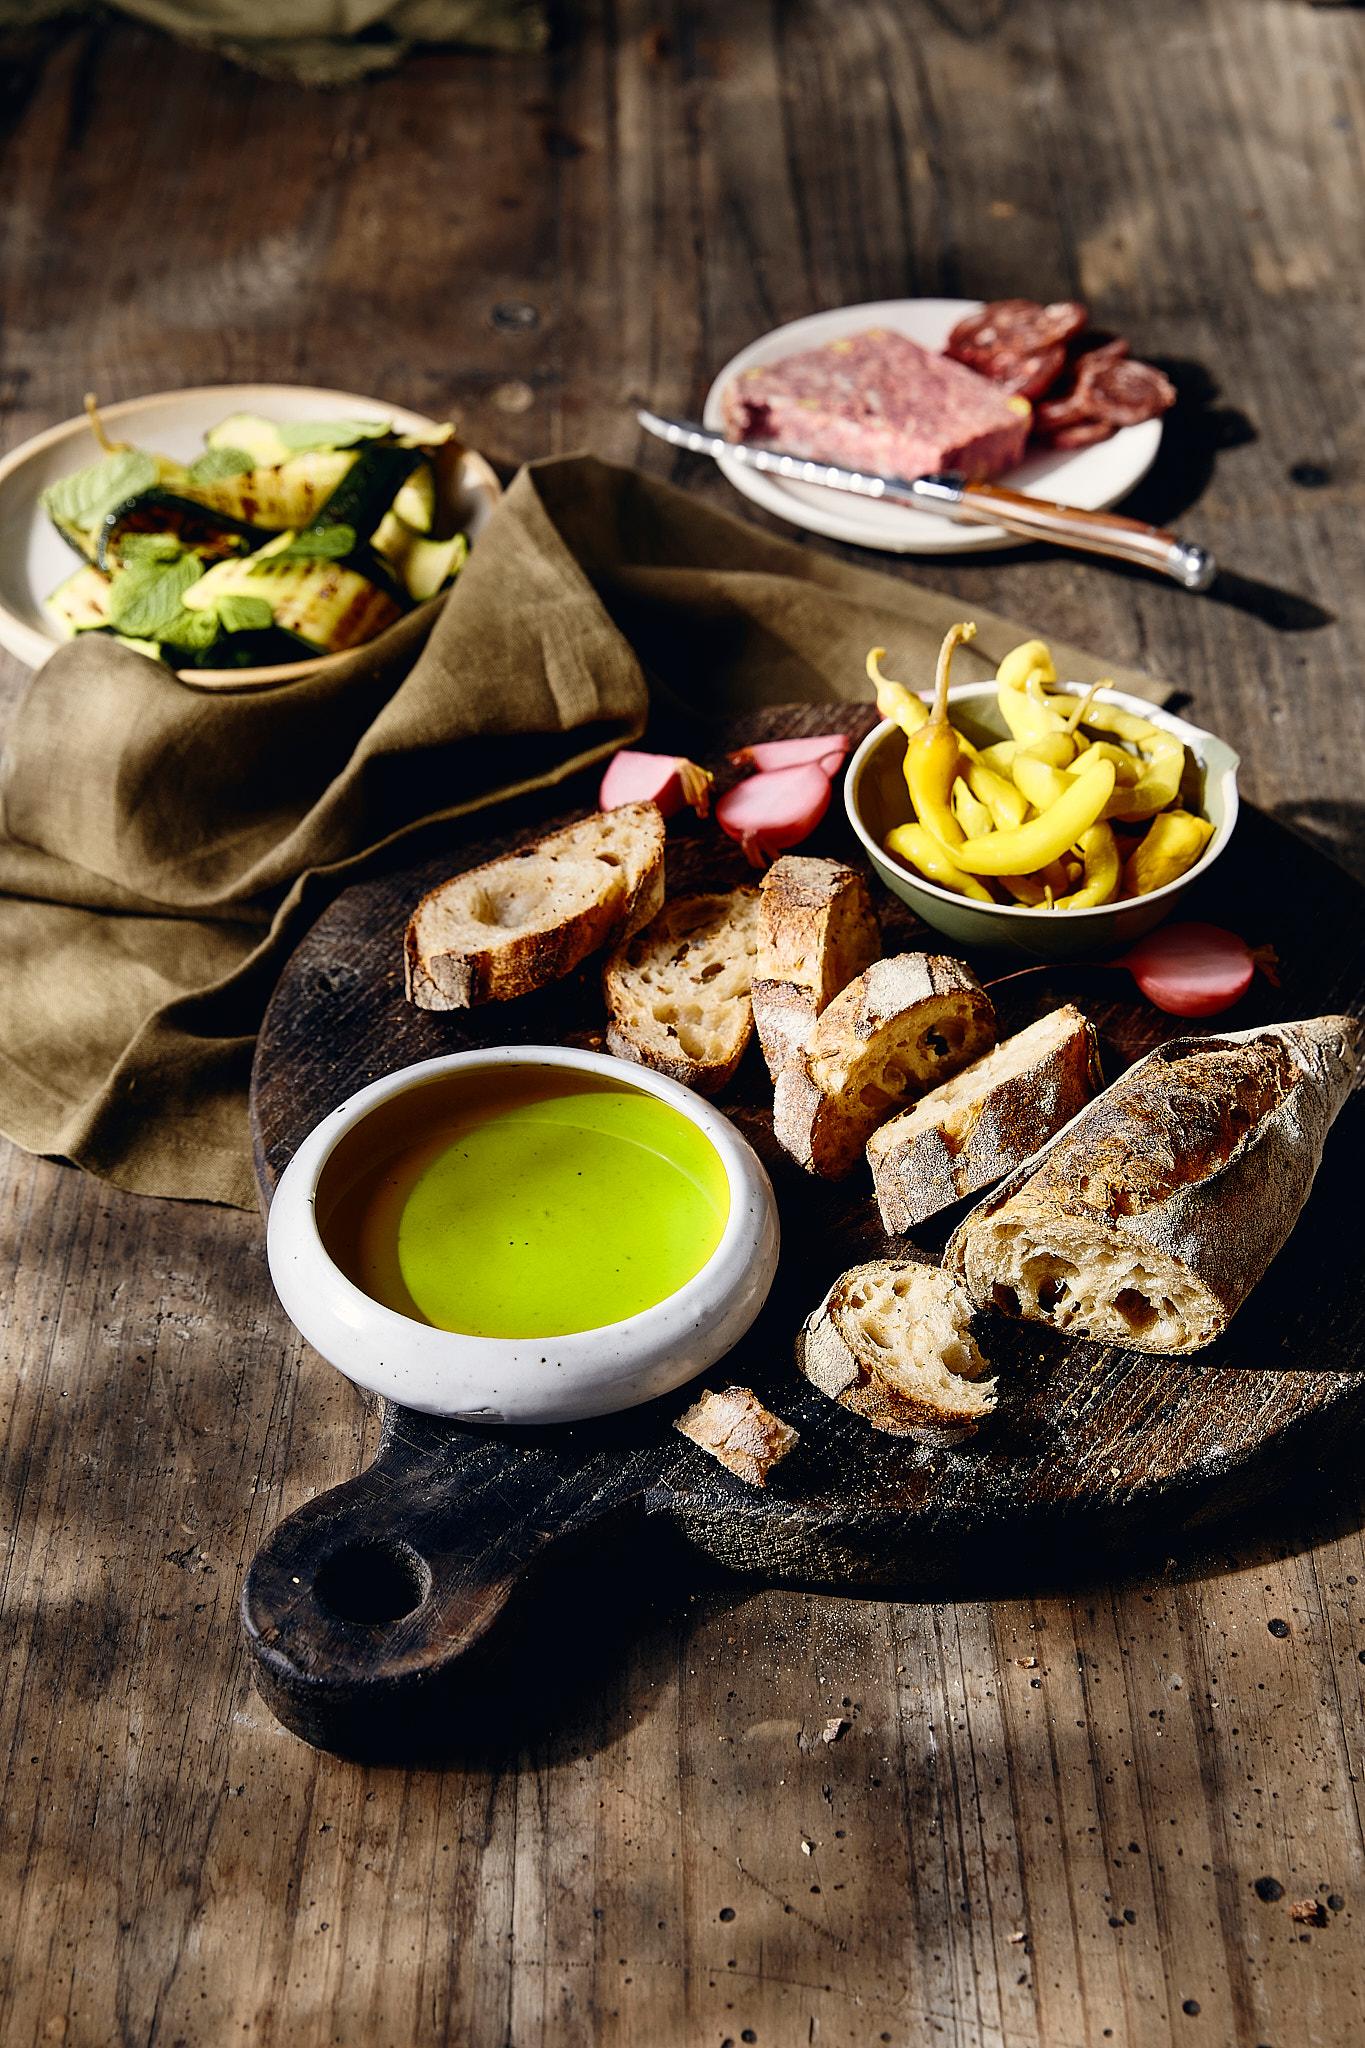 Cobram Extra virgin olive oil in bowl